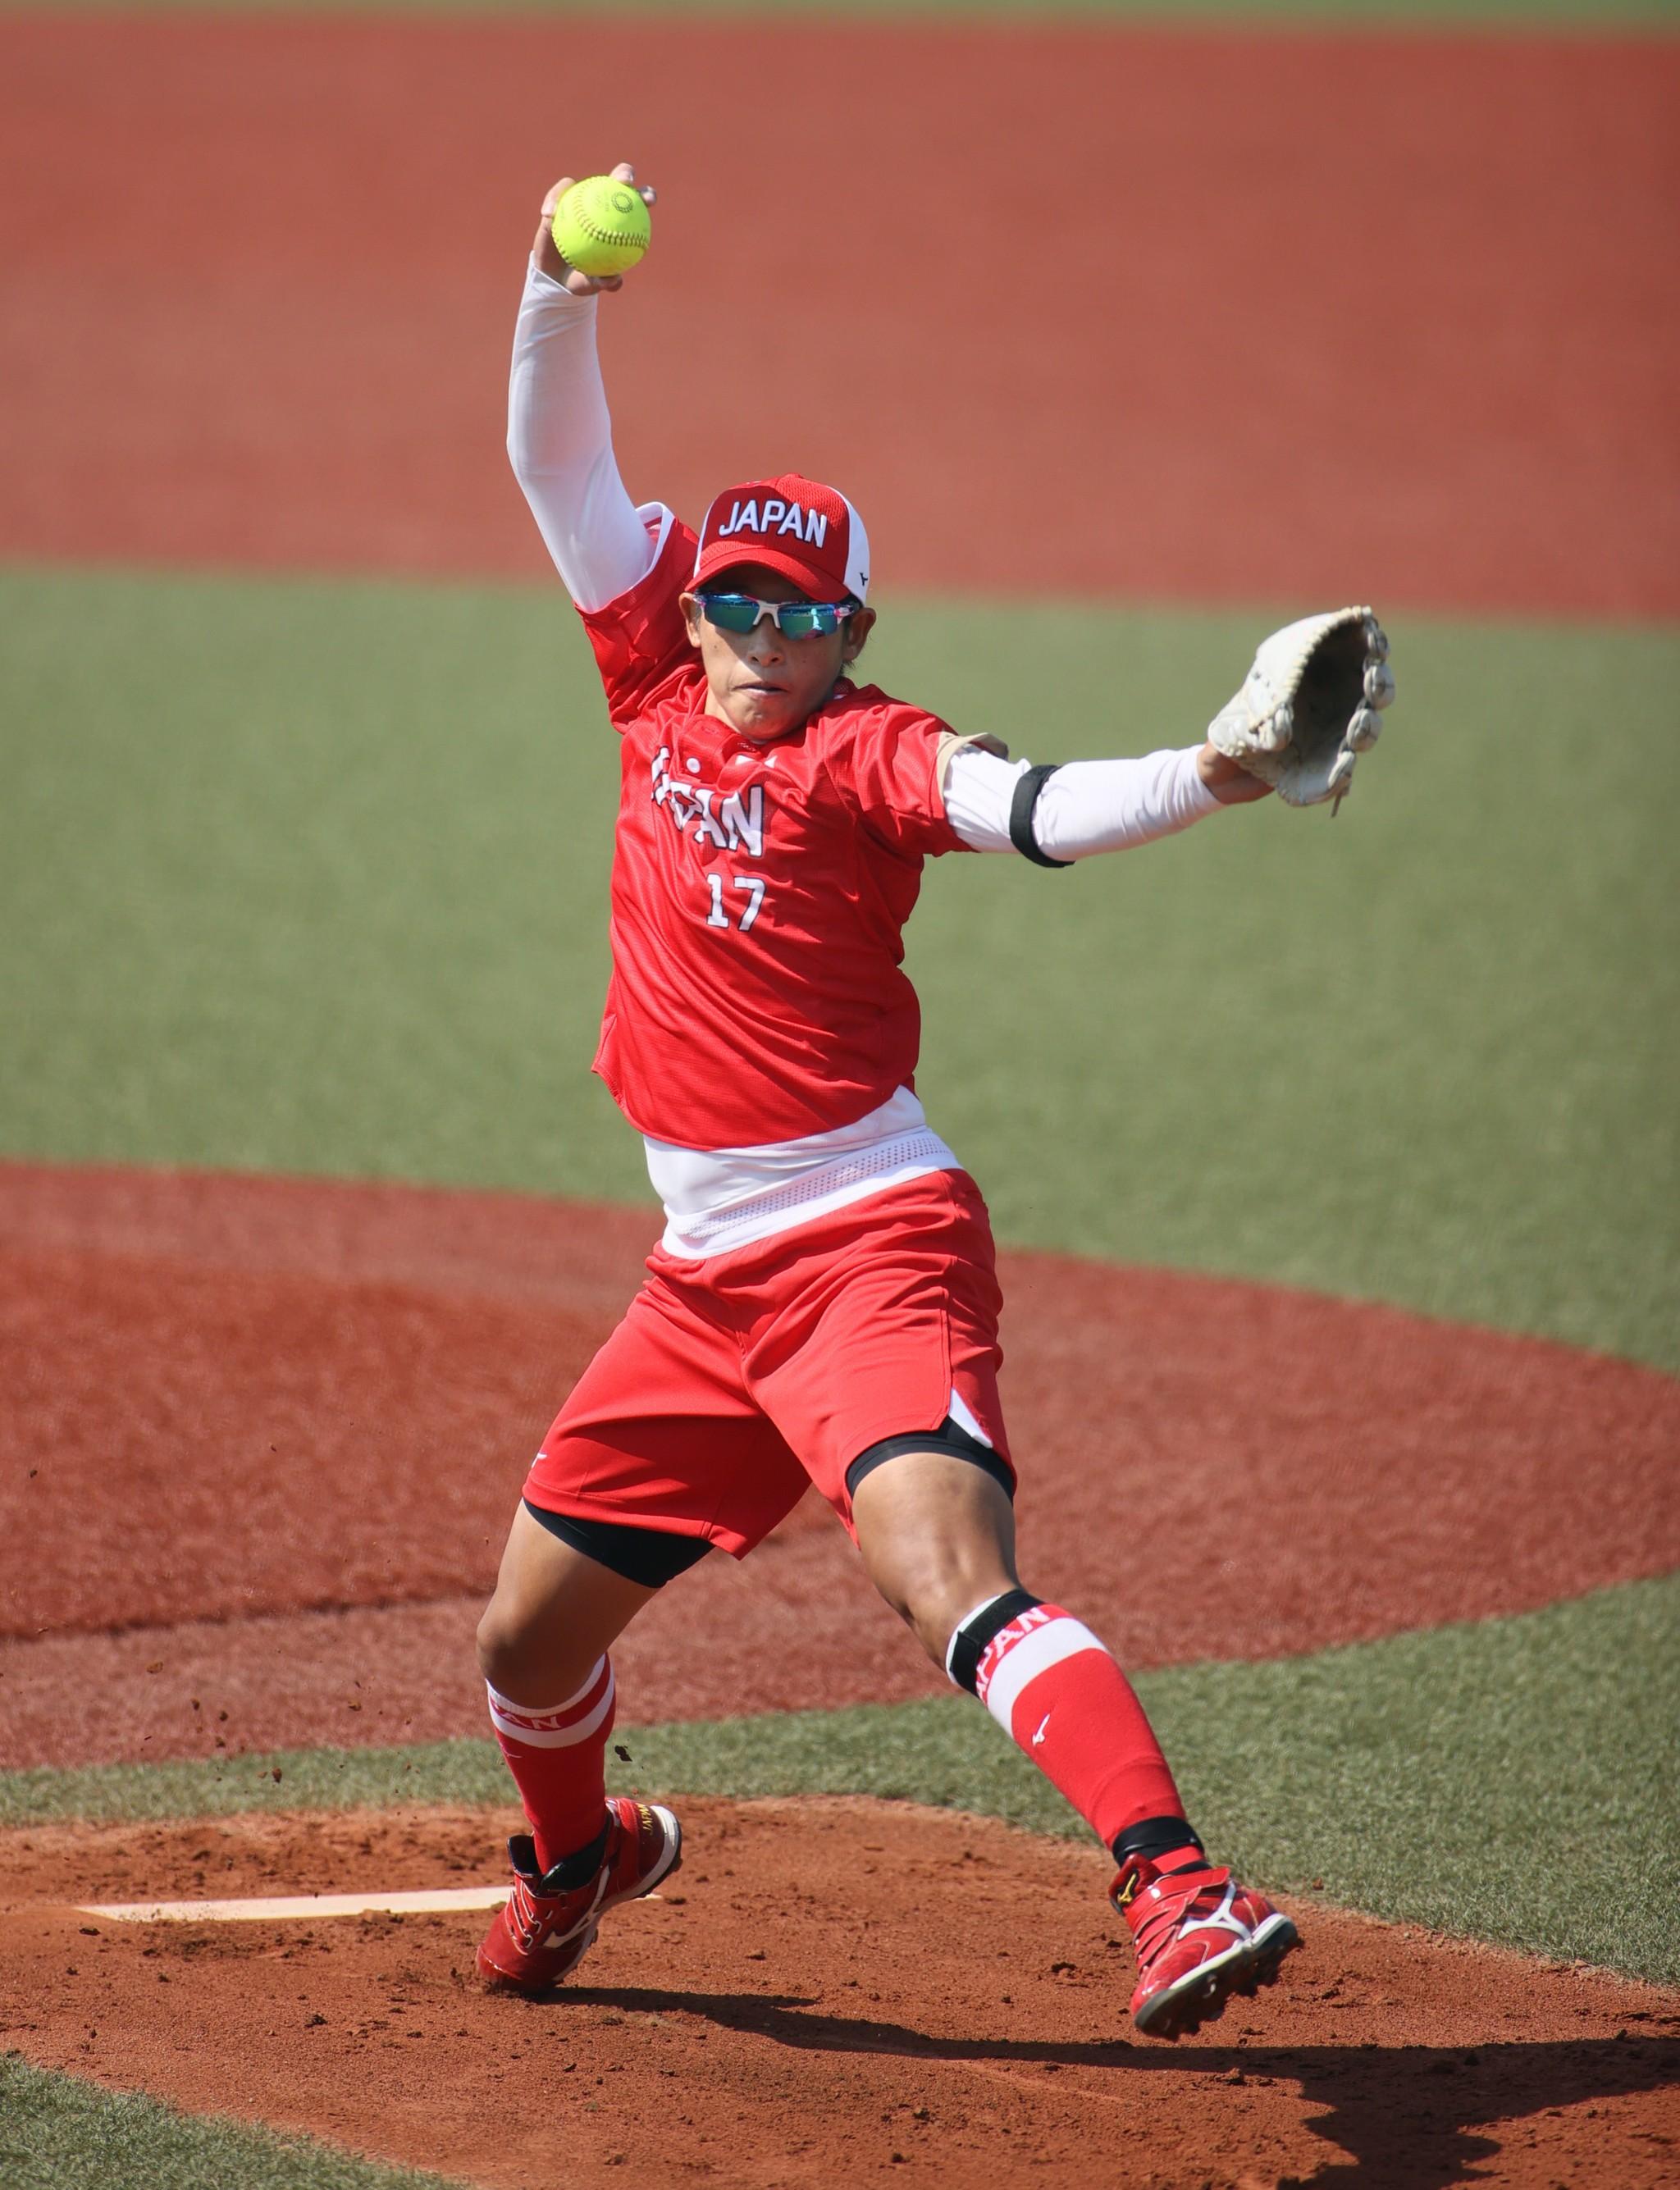 オーストラリア戦で先発した上野由岐子投手=7月24日、福島県営あづま球場、細川卓撮影